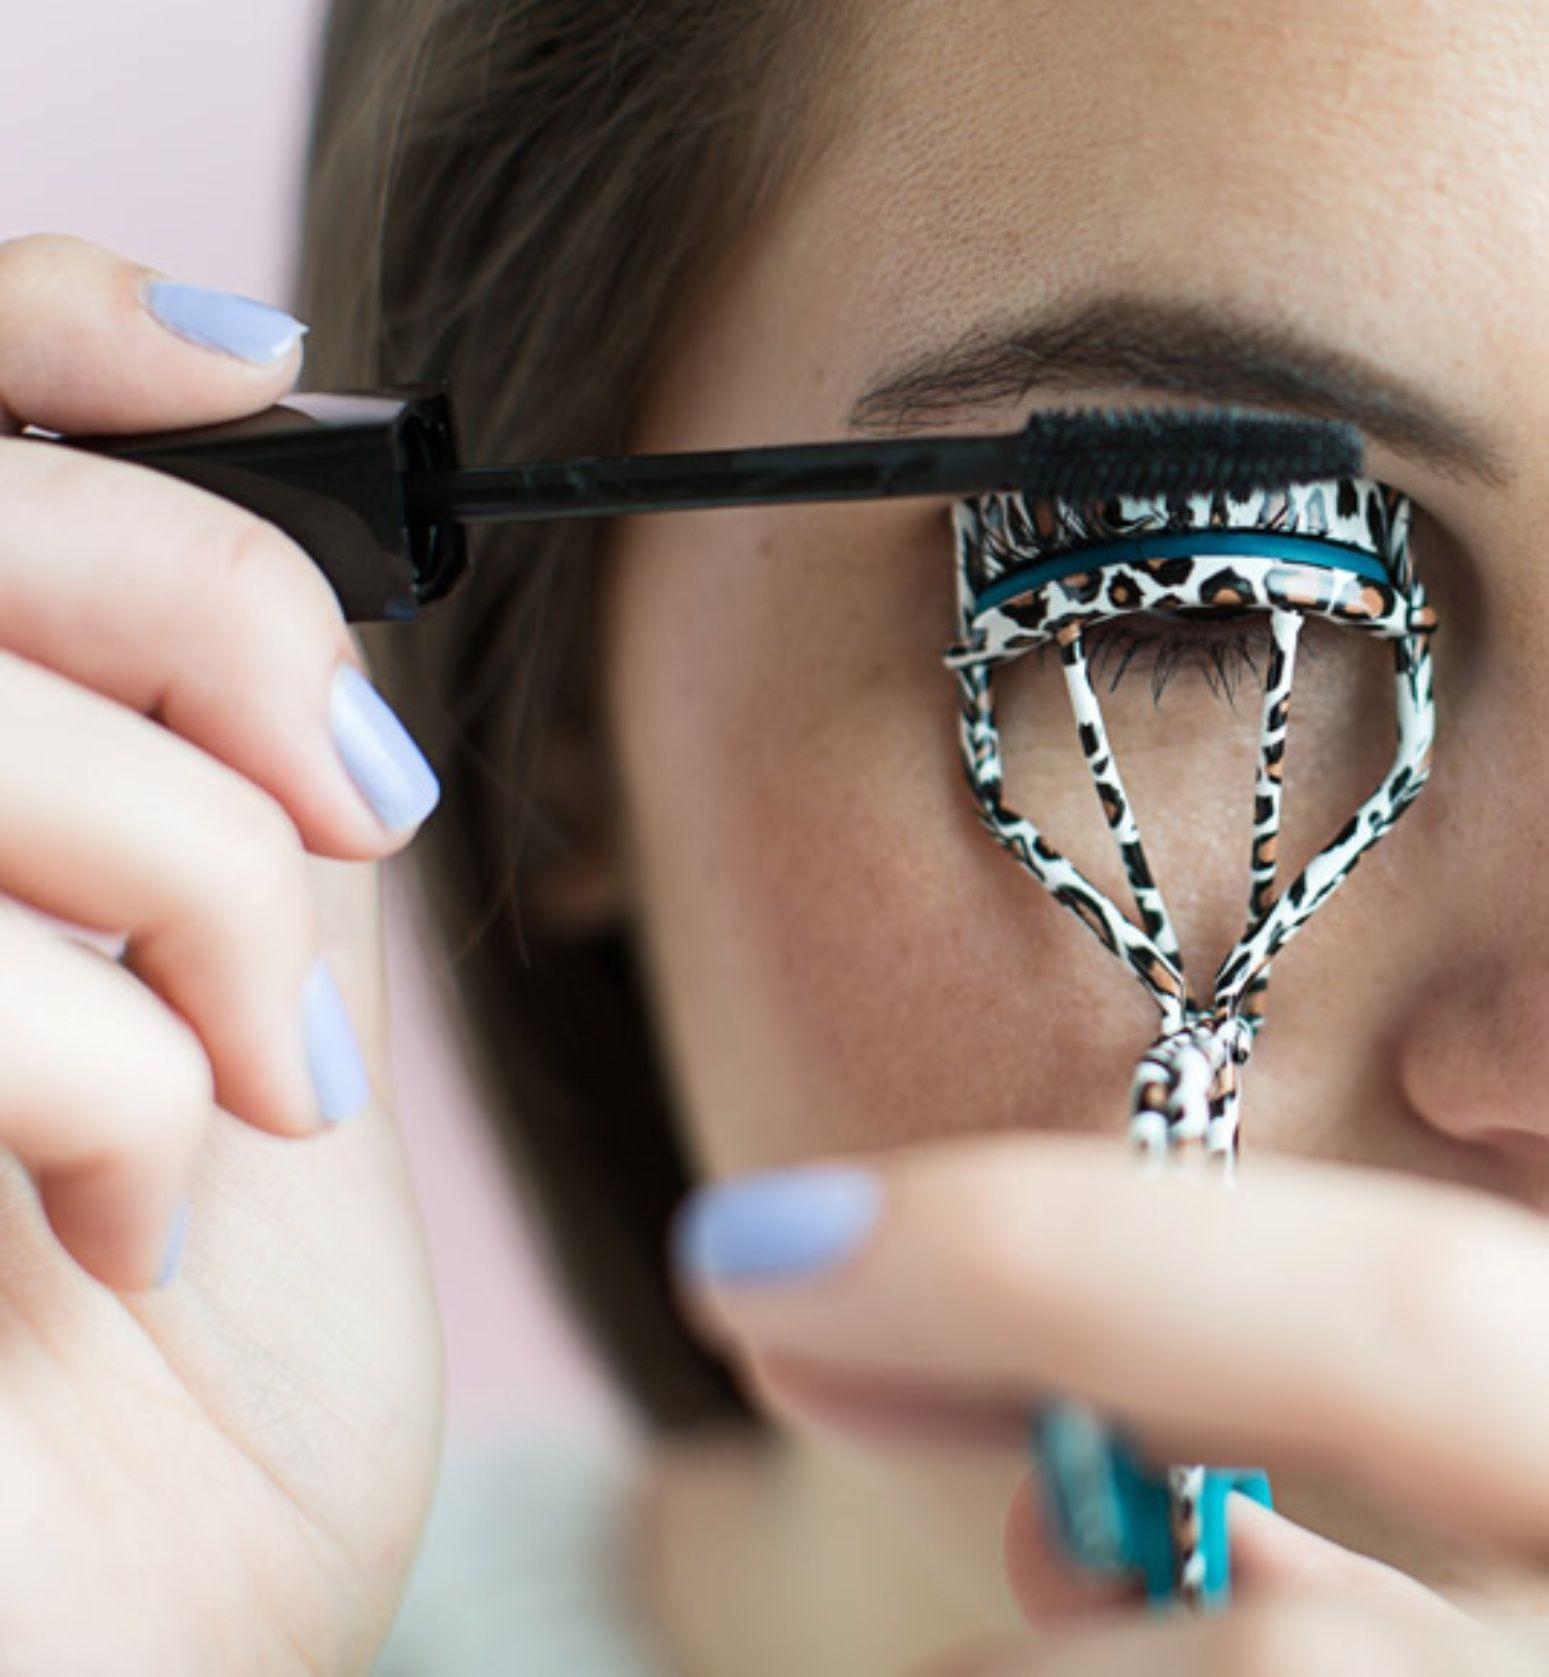 Cứ duy trì những thói quen xấu này chỉ khiến lông mi của bạn nhanh gãy rụng - Ảnh 1